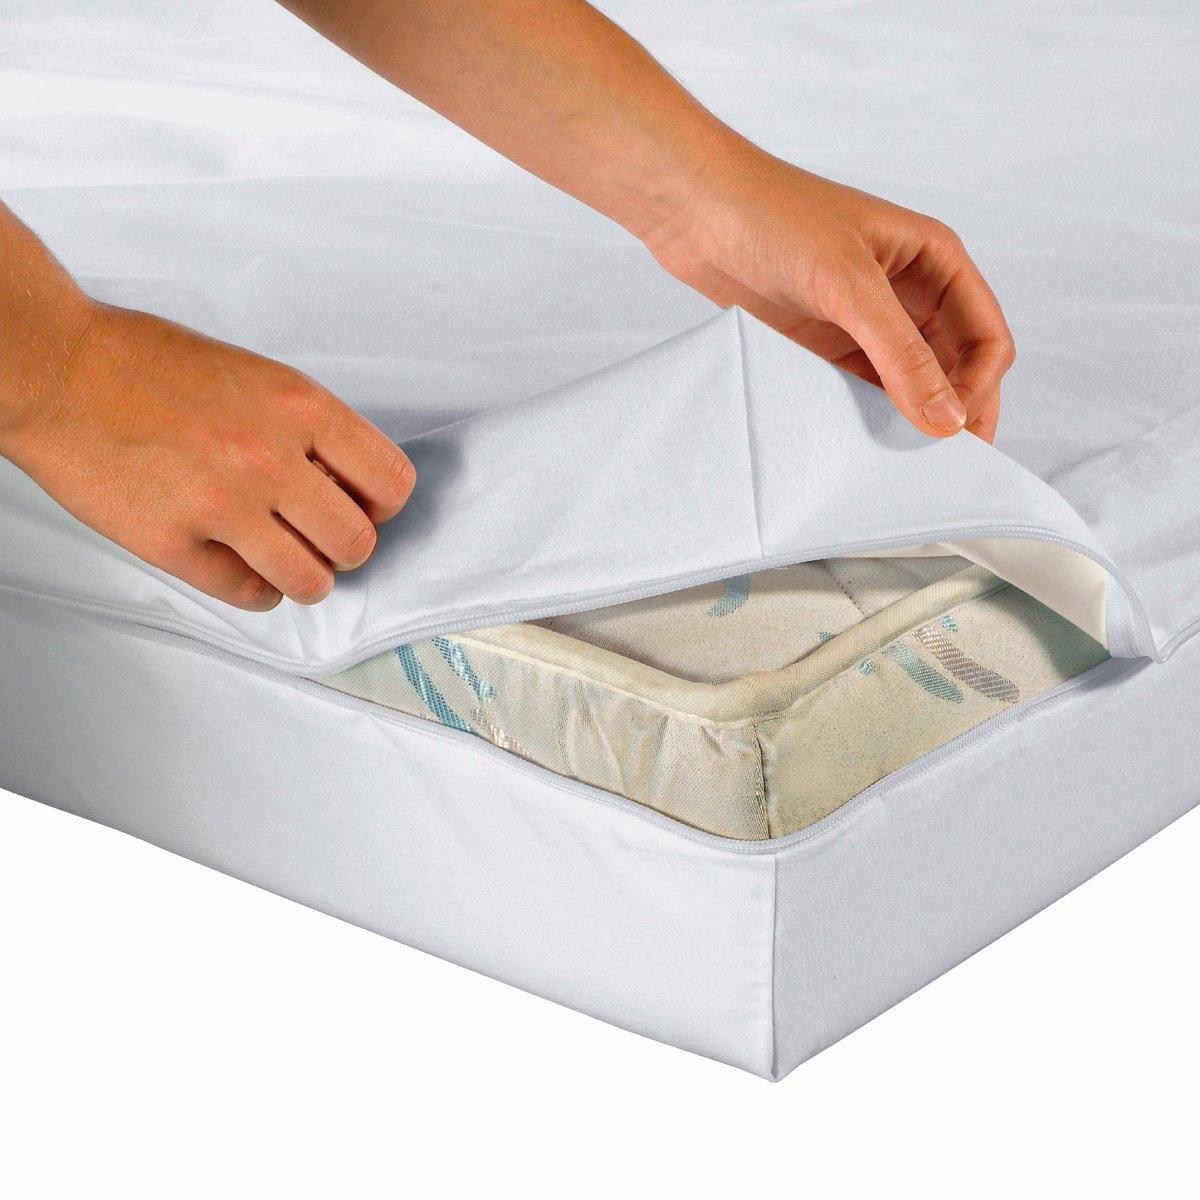 Чехол защитный для матрасаКачество VALEUR S?RE. Защитный чехол для матраса DERMALEINE®. Дышит и не промокает. Подходит для матрасов толщиной от 16 до 20 см. Тонкий и мягкий материал прекрасно защищает от клещей. Застежка на молнию сбоку. Хлопковое джерси стретч с полиуретановой пропиткой для максимального комфорта. Обработка против бактерий и неприятного запаха. Обработка MICROSTOP® против клещей (официальные лабораторные опыты доказали ее безопасность для человека и эффективность даже после многочисленных стирок. Стирка при 60°, быстро сохнет.<br><br>Цвет: белый<br>Размер: 160 x 200 см